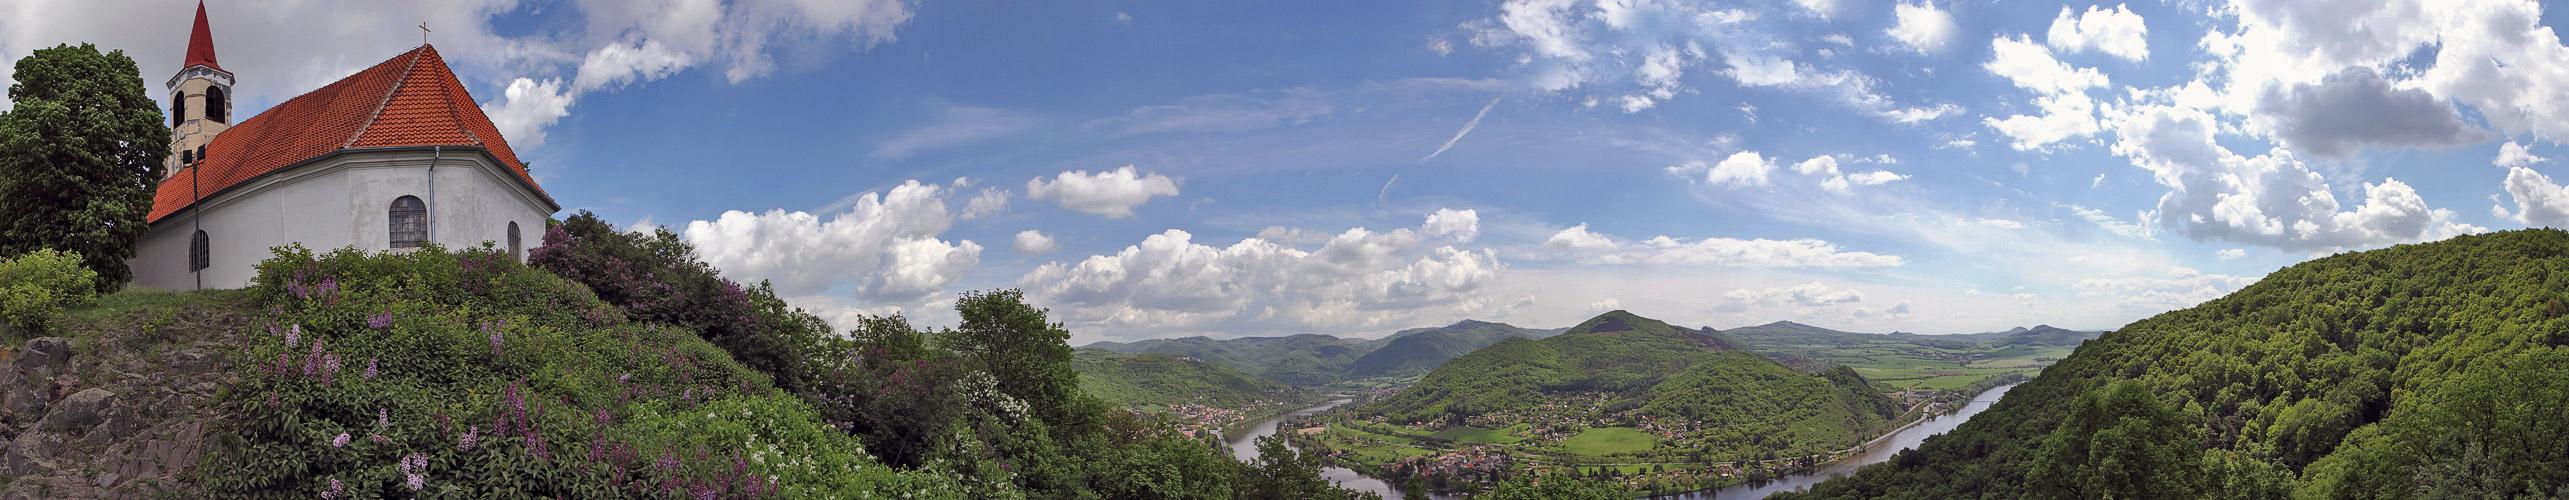 Das hübsche böhmische Dubitzer Kirchlein mal nicht von einem Gipfel oder Aussichtspunkt...